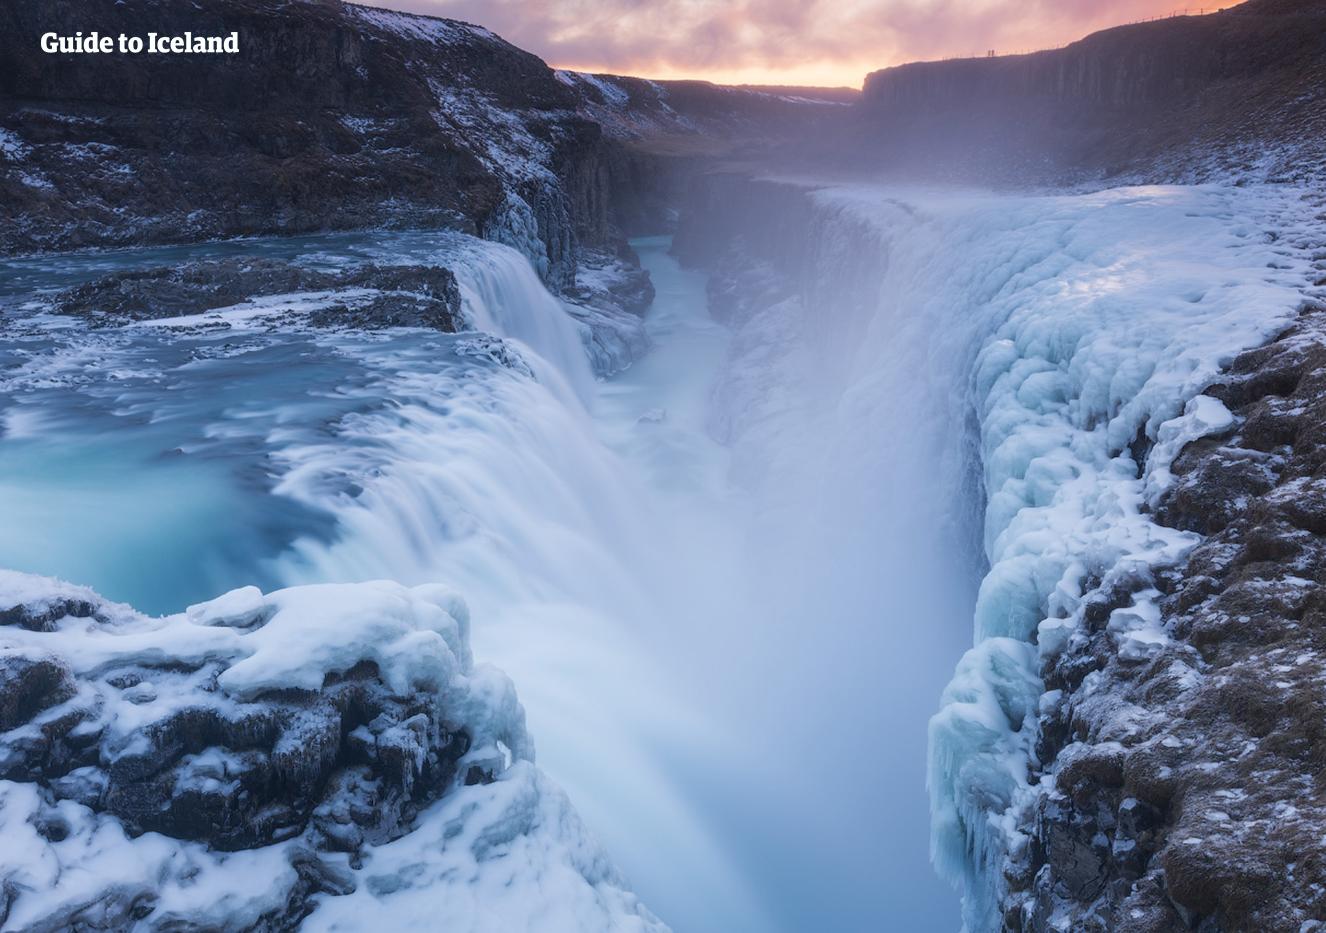 Spruten fra populære Gullfoss skyller ansiktene til alle som kommer nær, med brevann fra iskappen Langjökull.